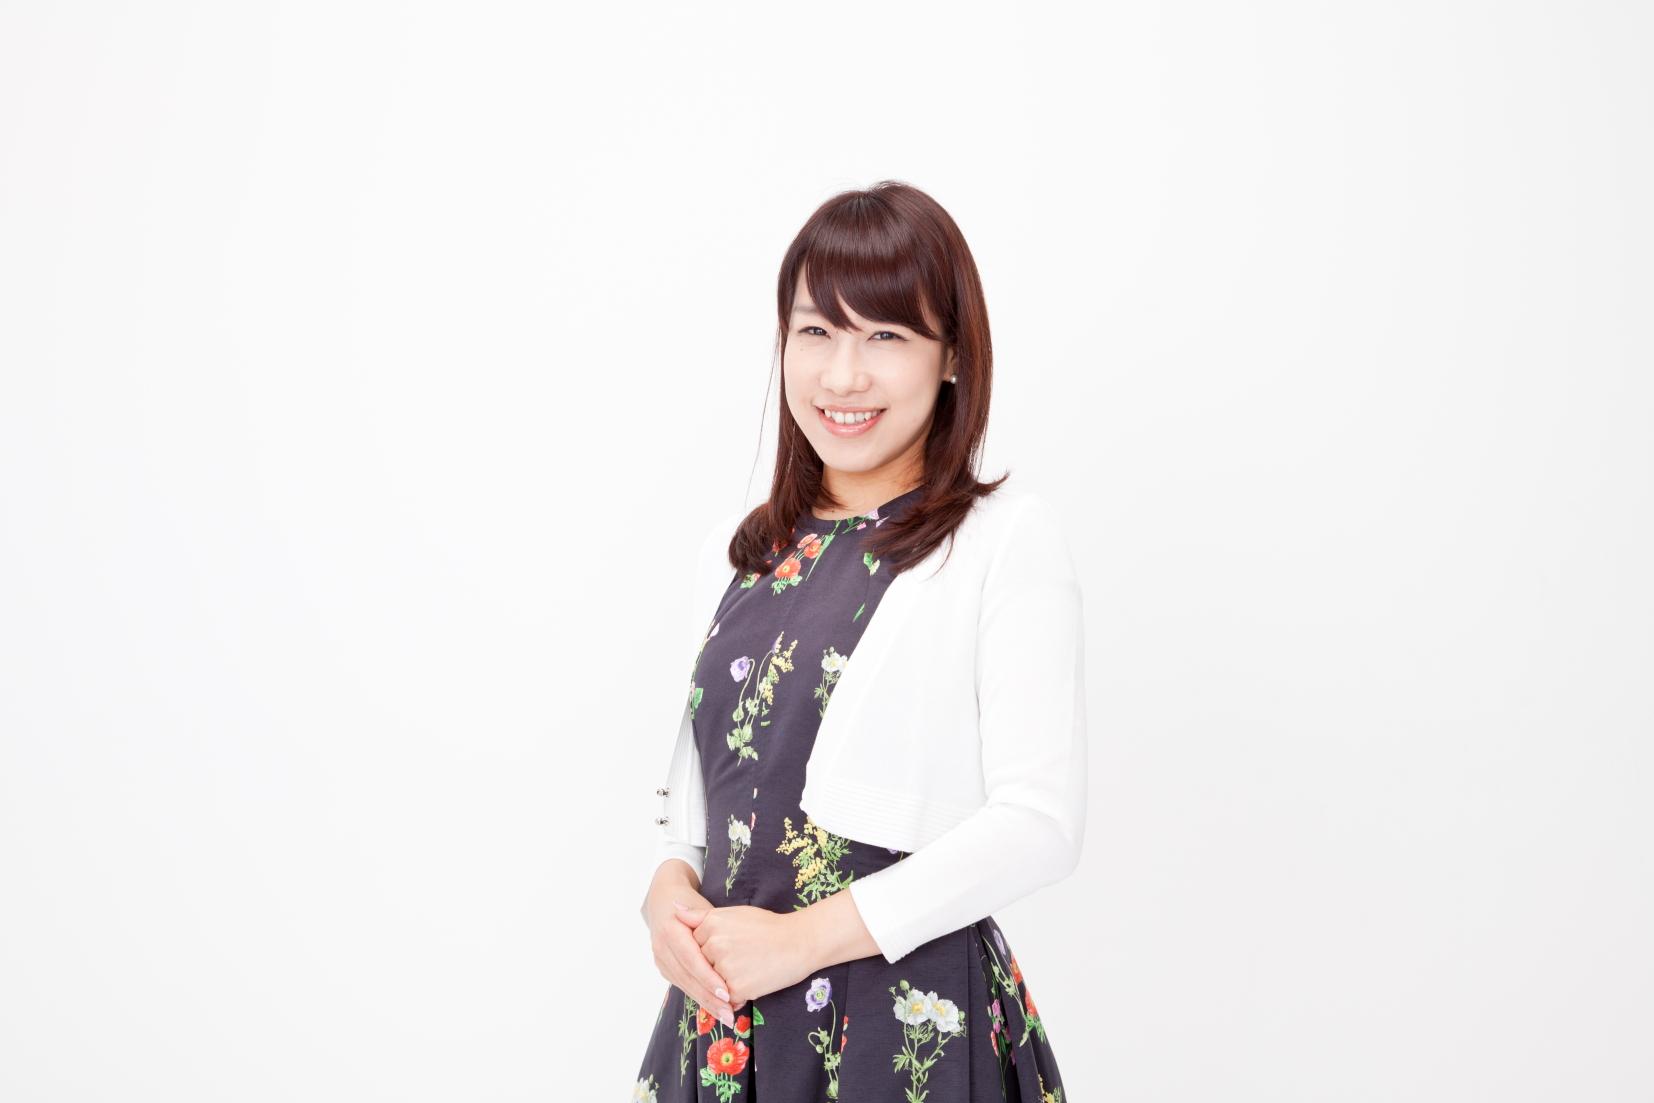 櫻井智絵さん(no.155)、30歳。ダイエット後のリバウンドが心配。